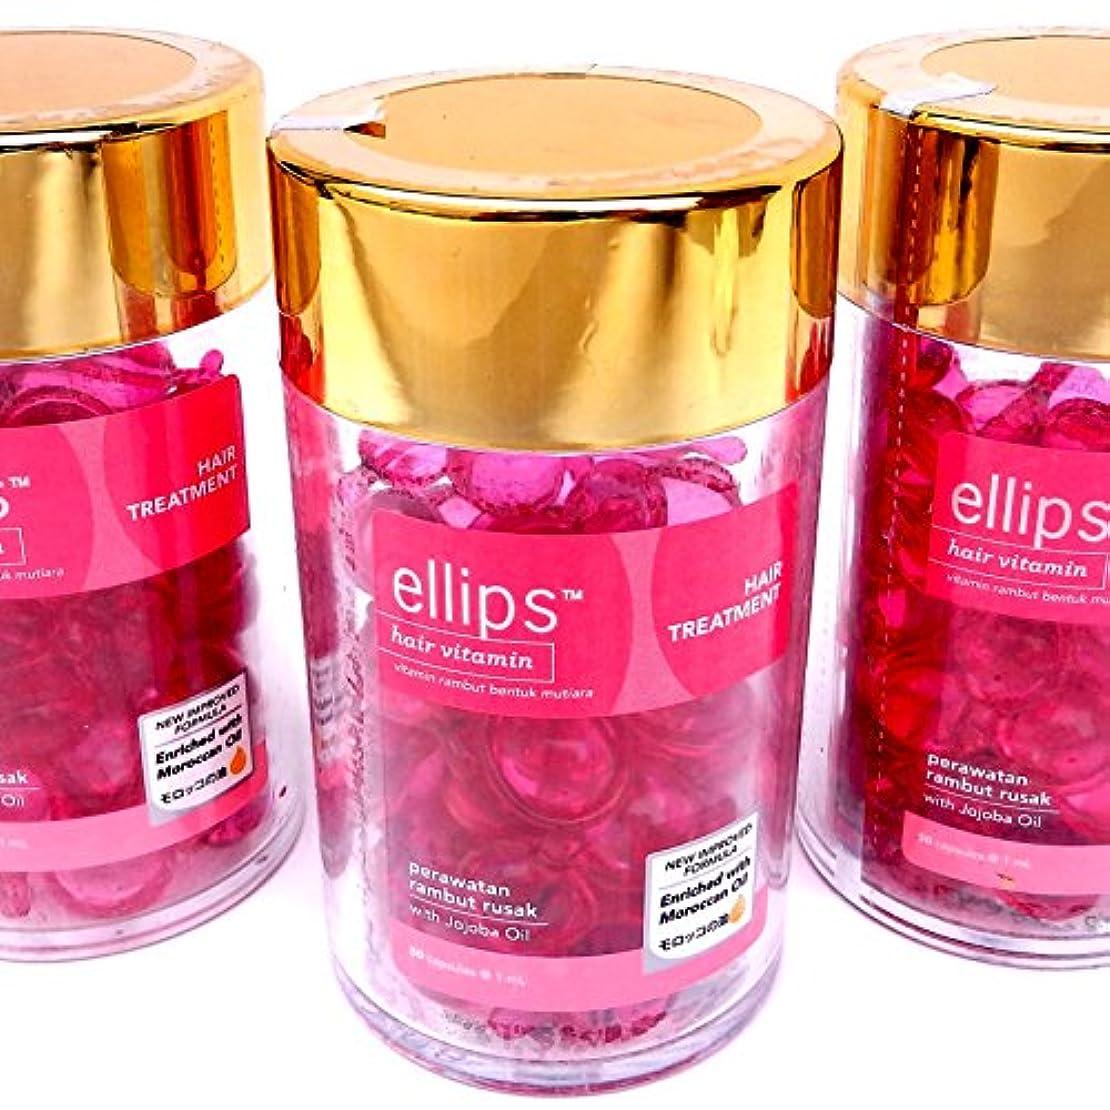 トマト残酷バルクエリプス(Ellips) ヘアビタミン ピンク ボトル(50粒入)× 3 個セット[並行輸入品]